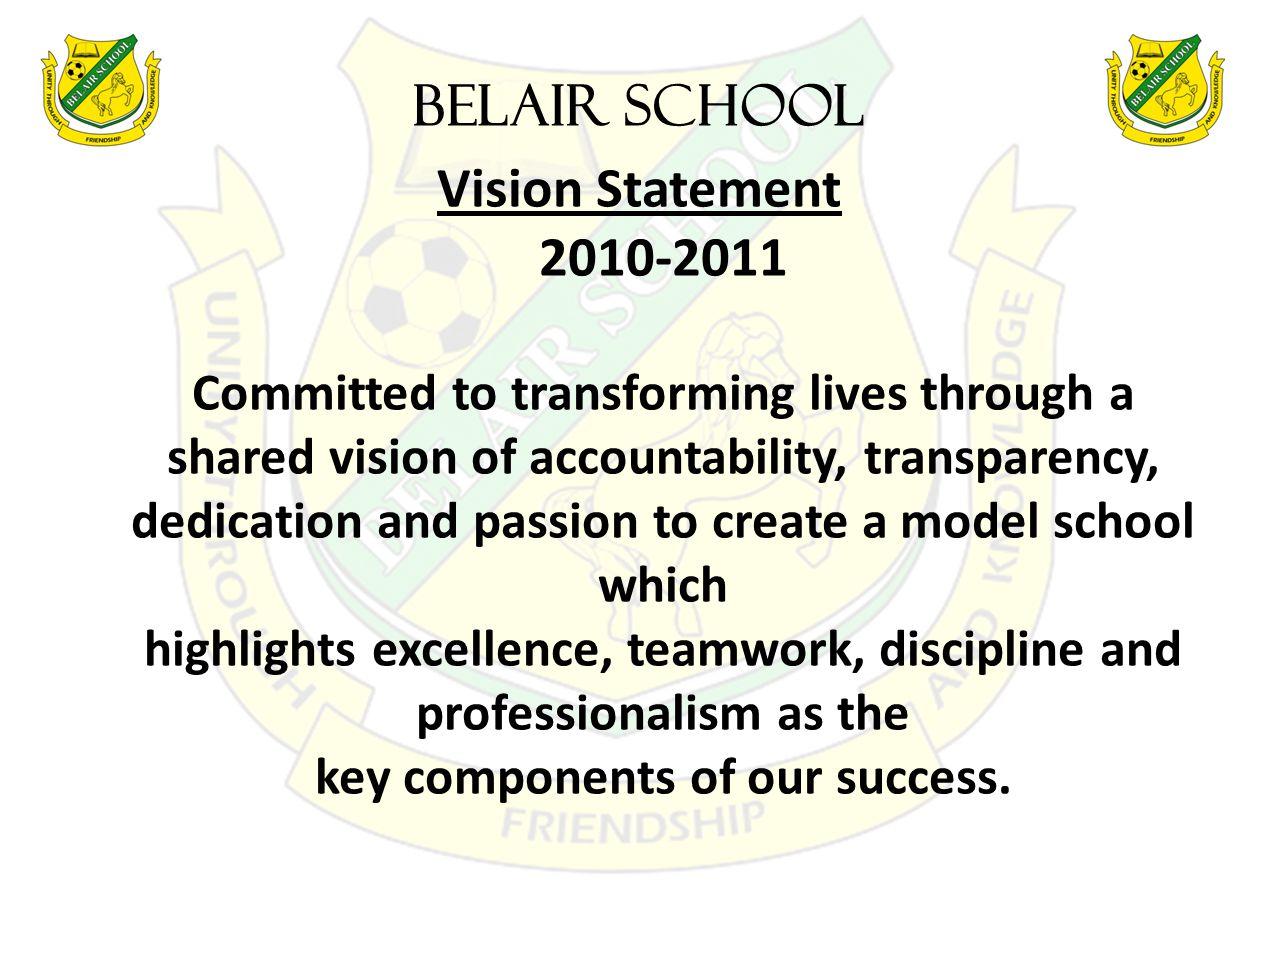 BELAIR SCHOOL